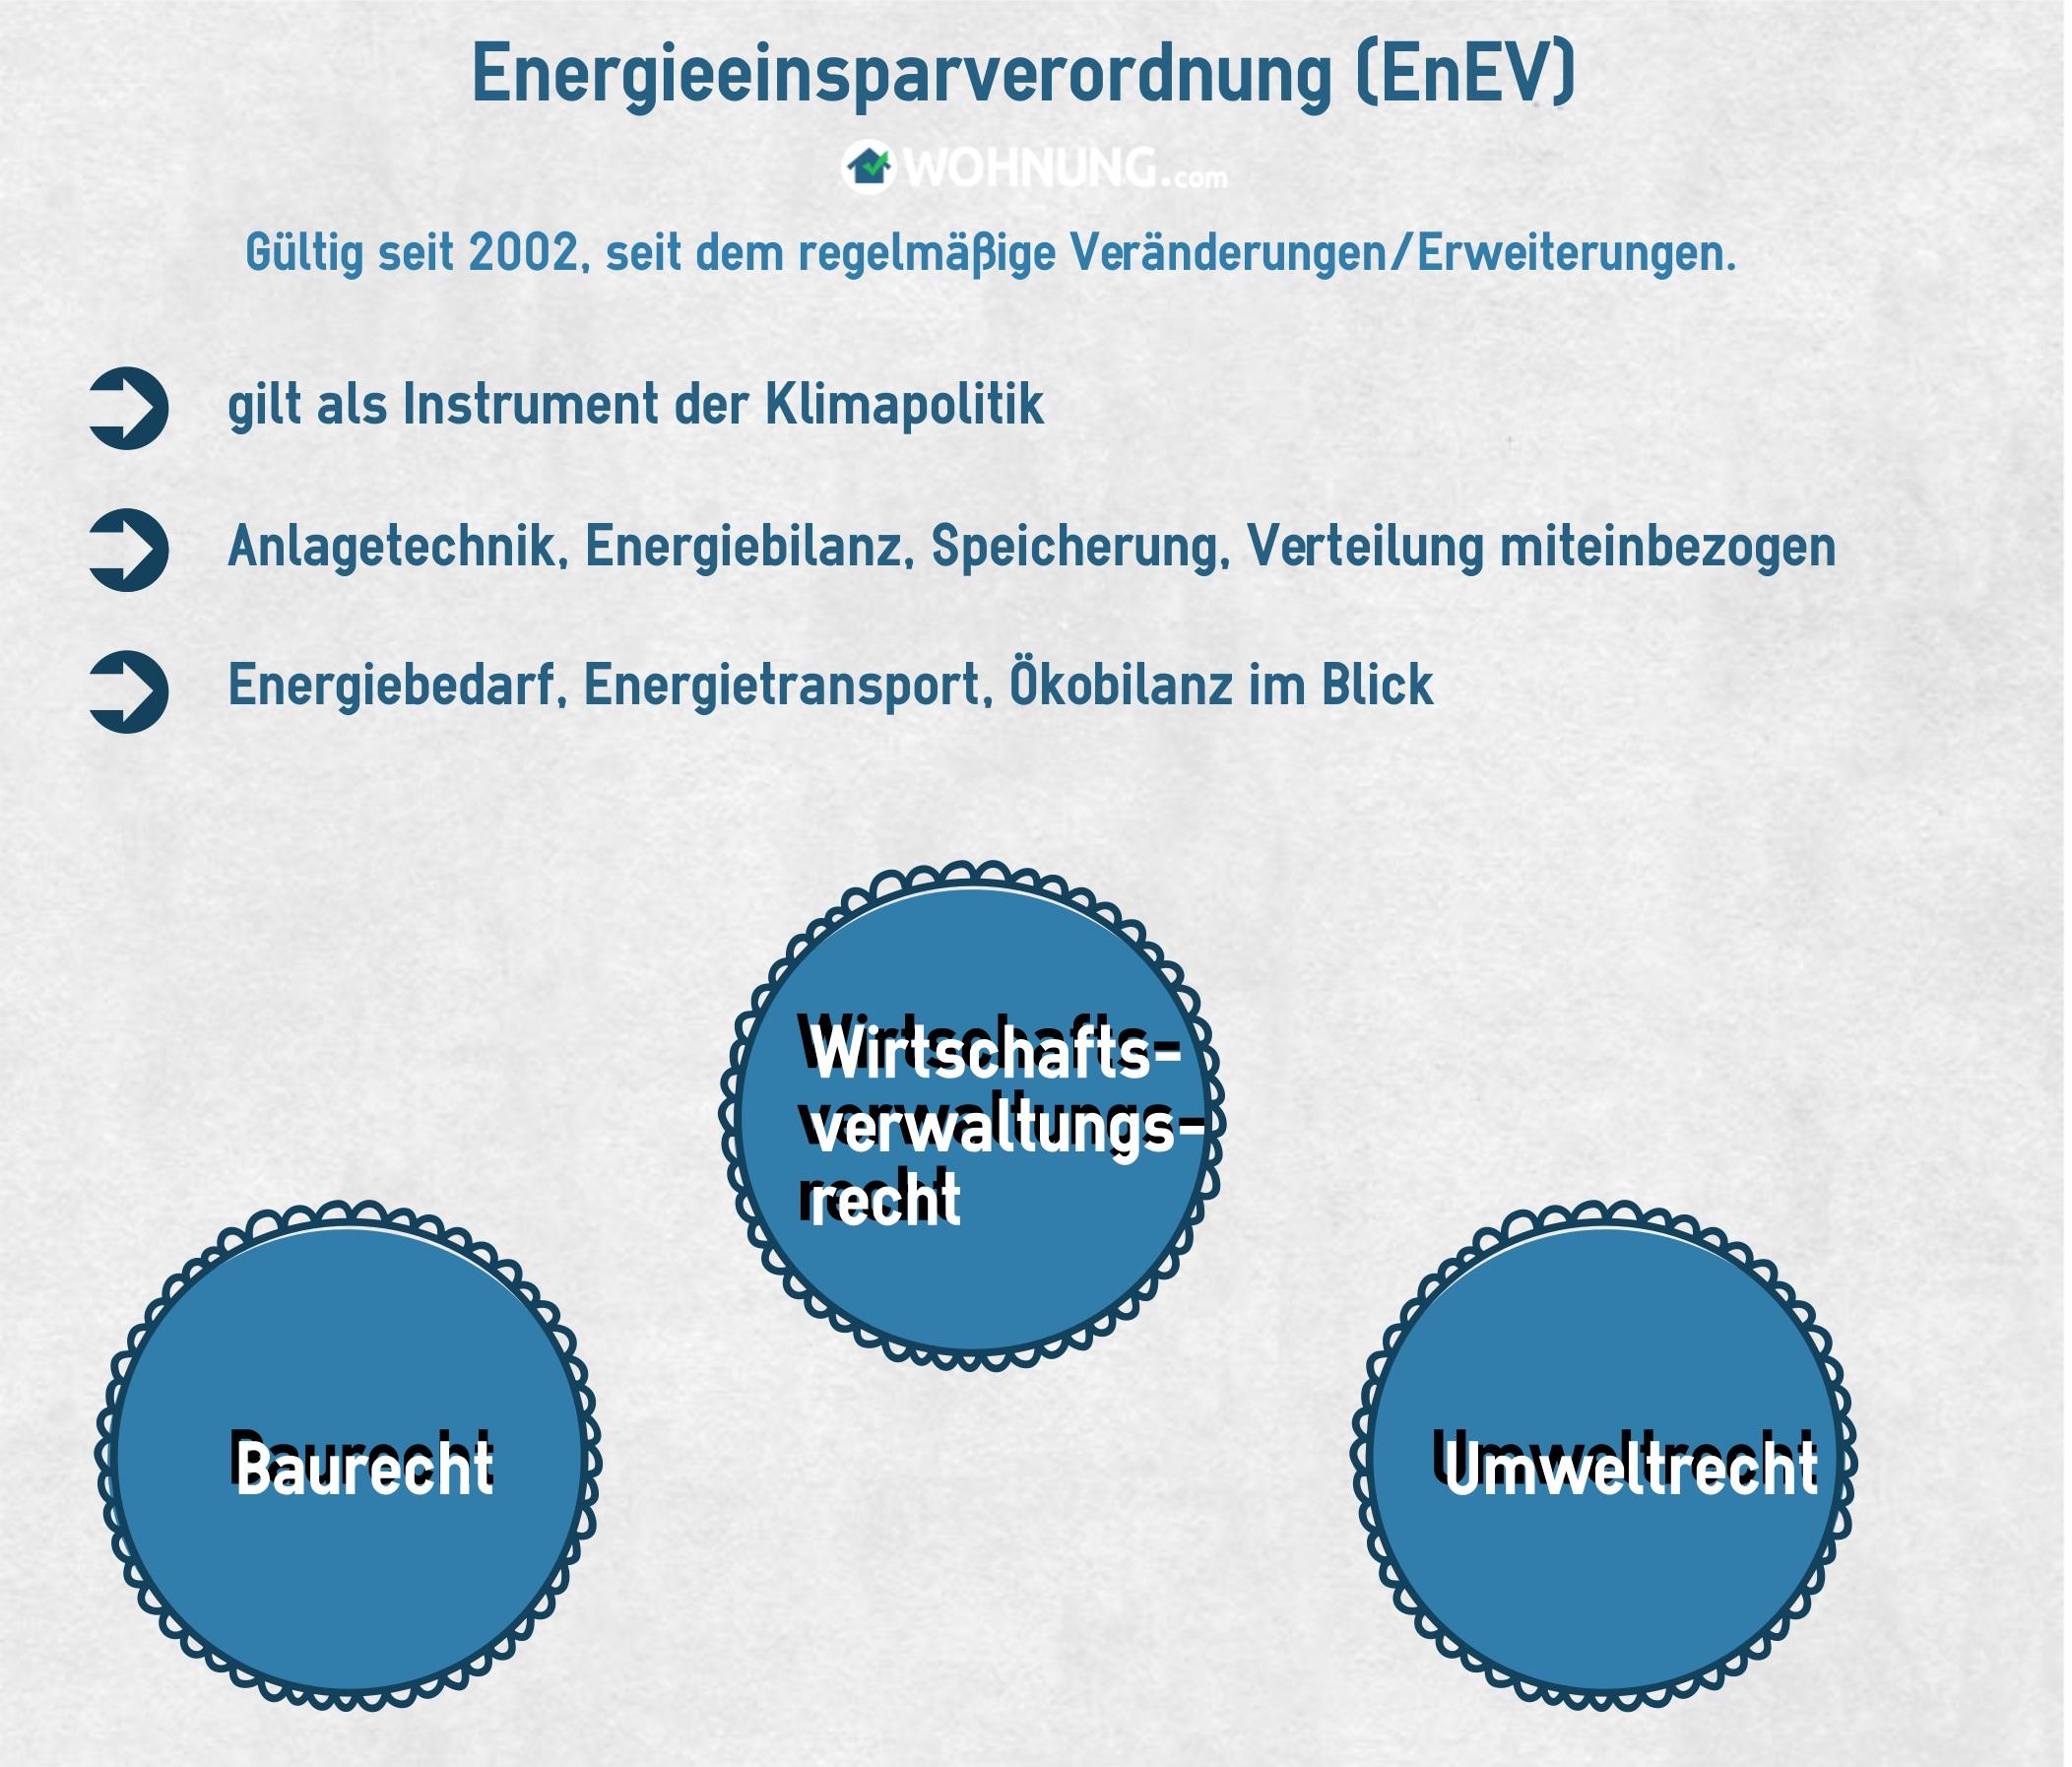 Vorteile und Nachteile einer Ölheizung - Wohnung.com Ratgeber